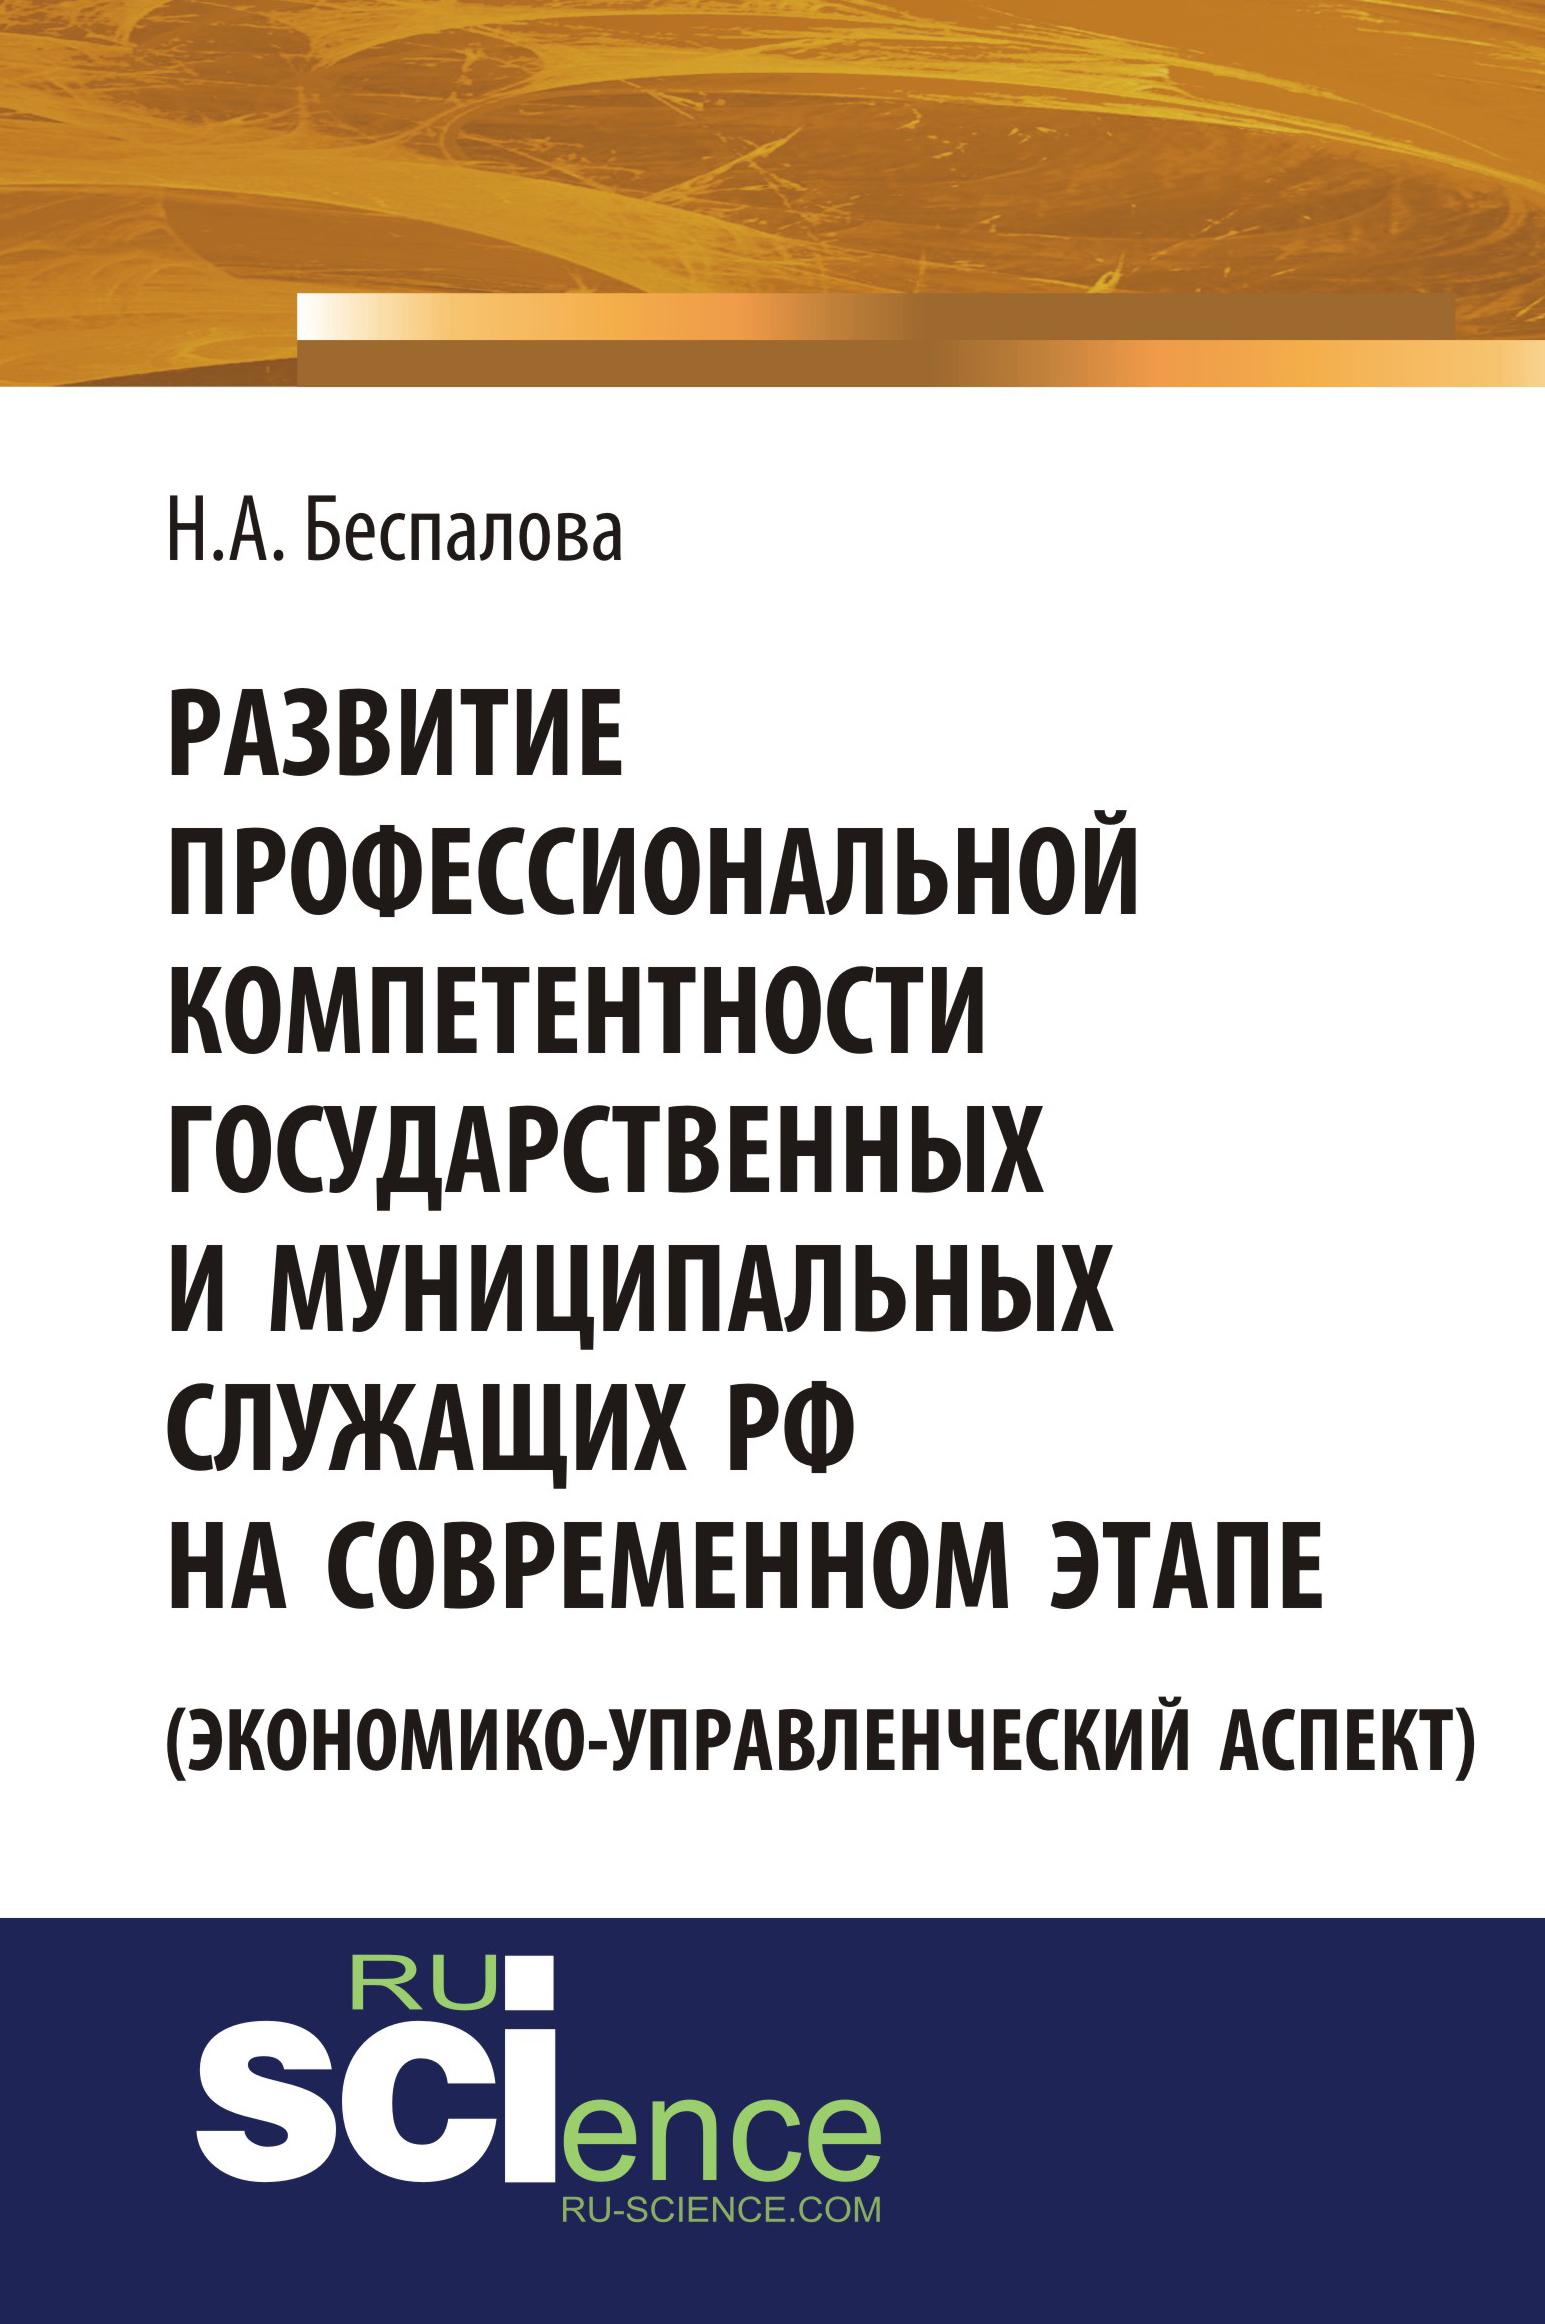 Наталья Беспалова Развитие профессиональной компетентности государственных и муниципальных служащих РФ на современном этапе